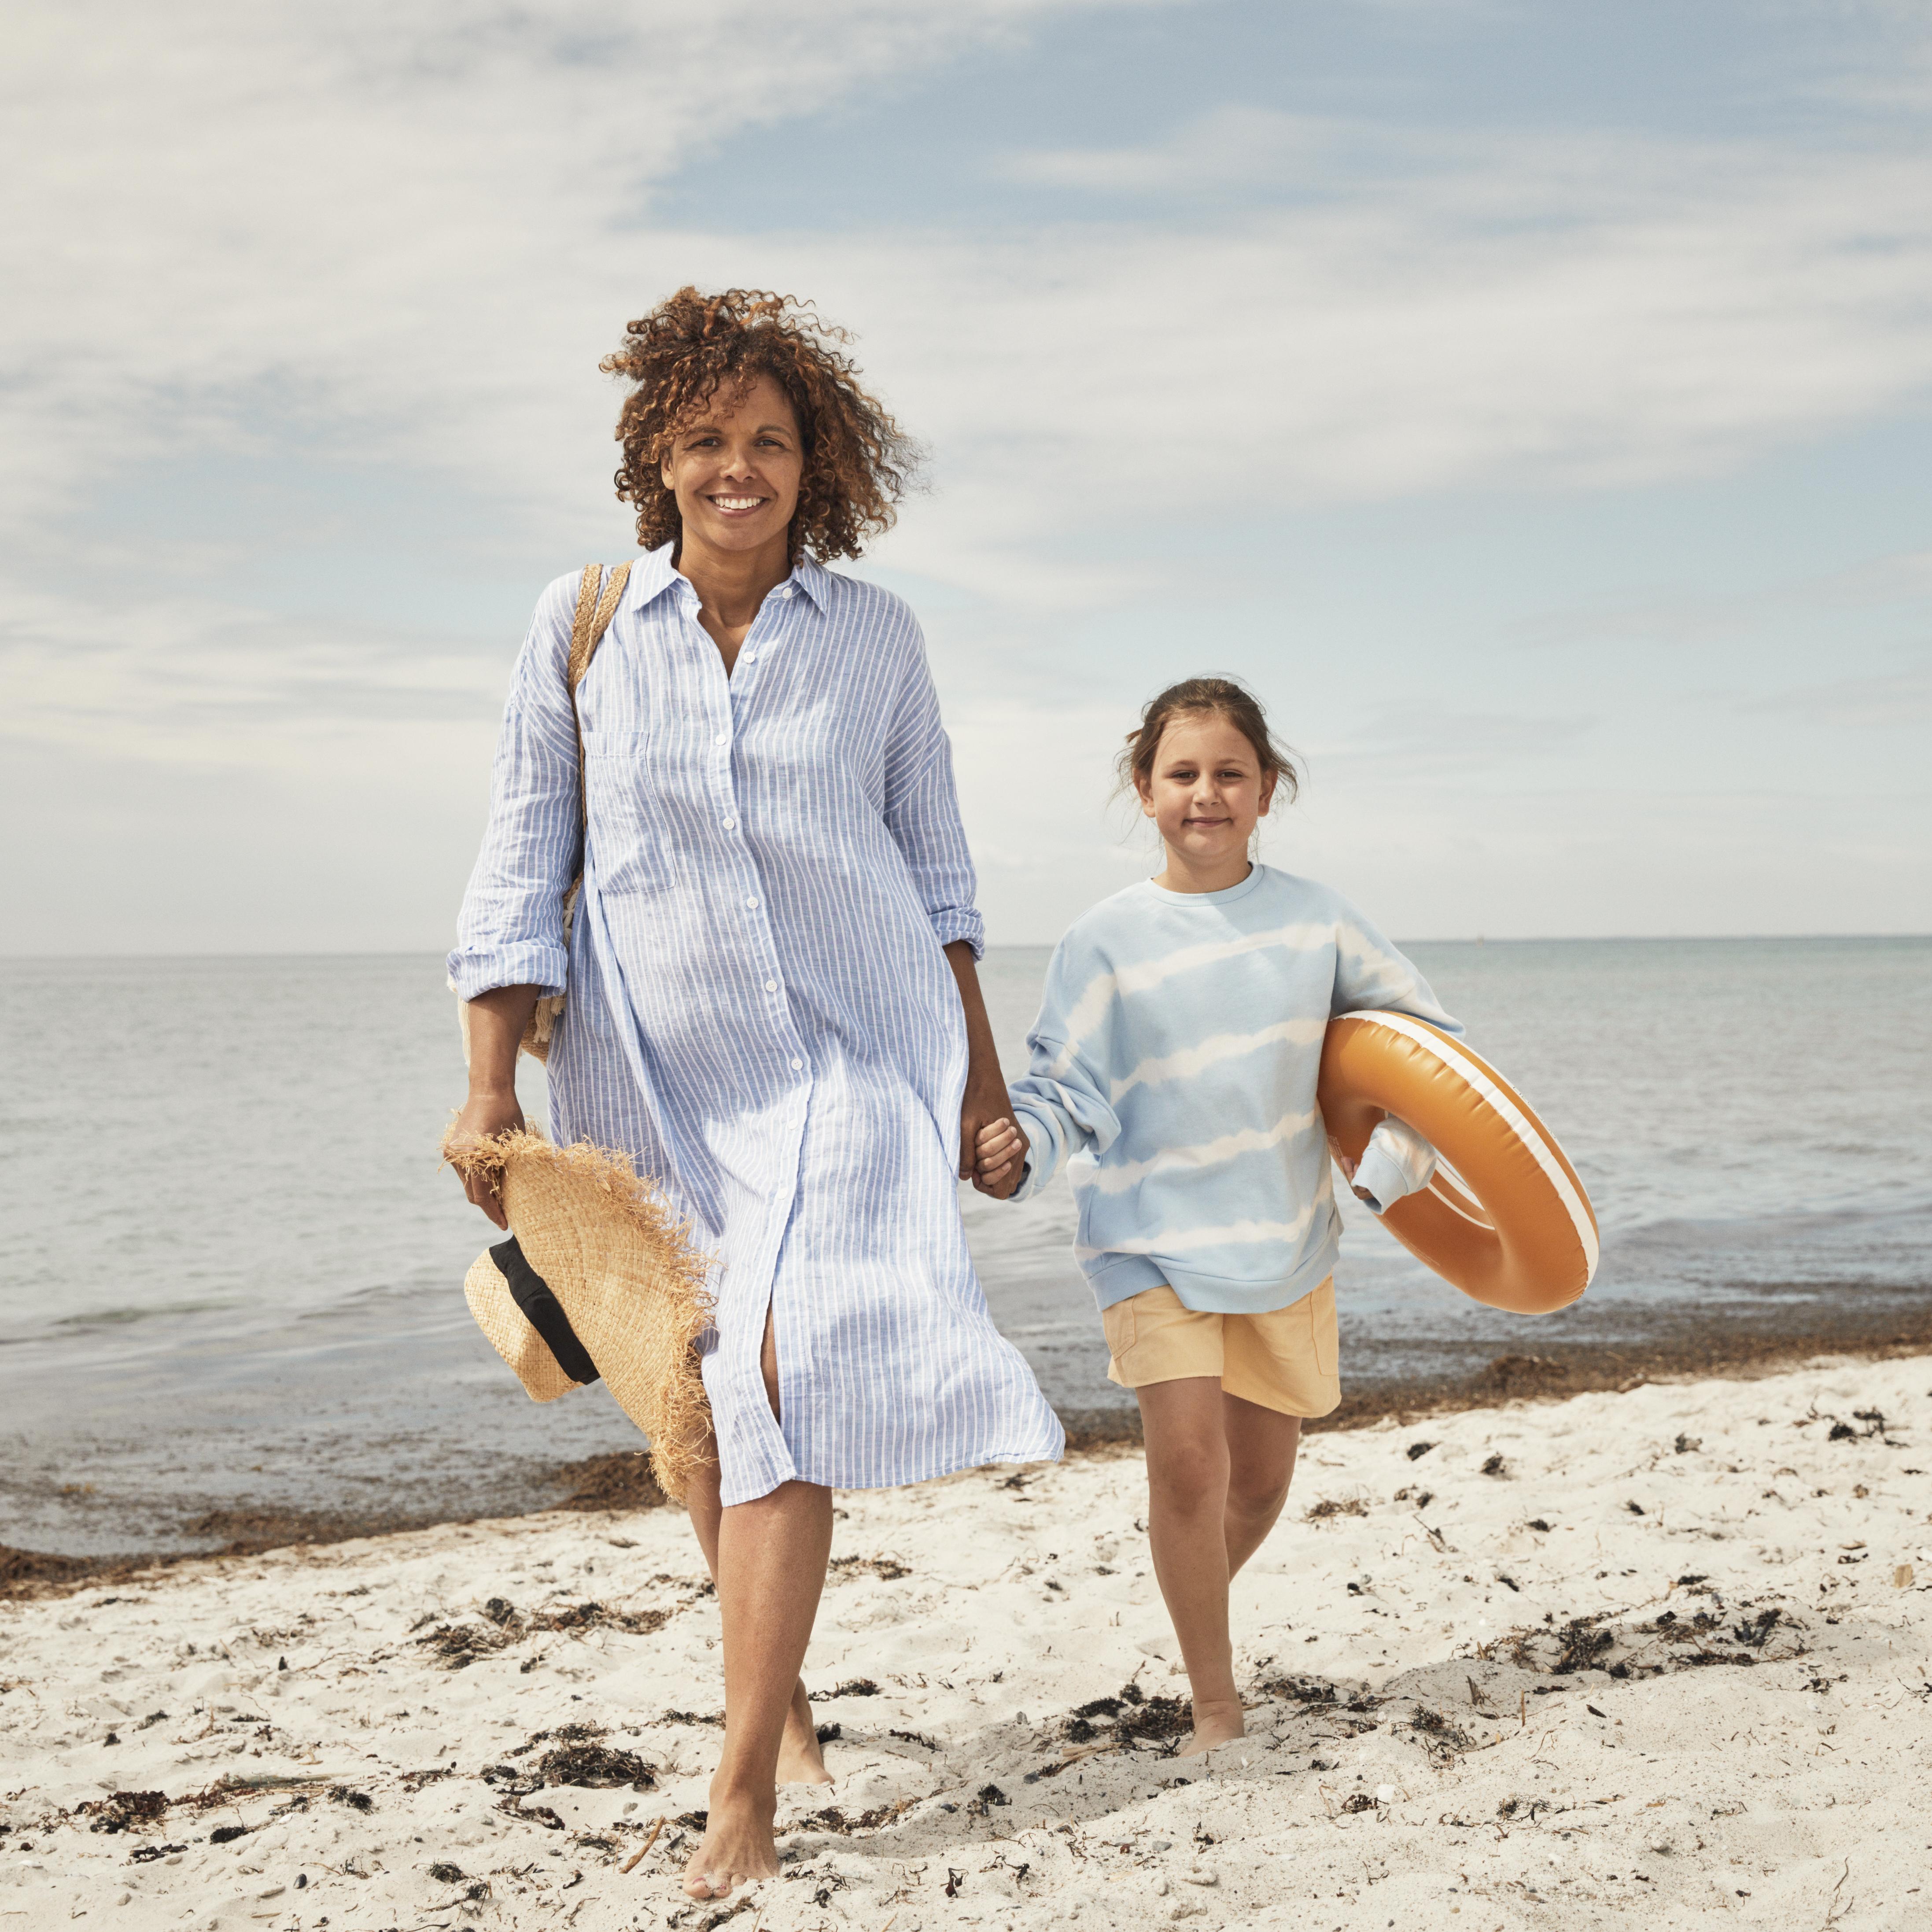 Mamma och dotter på strand. Foto.